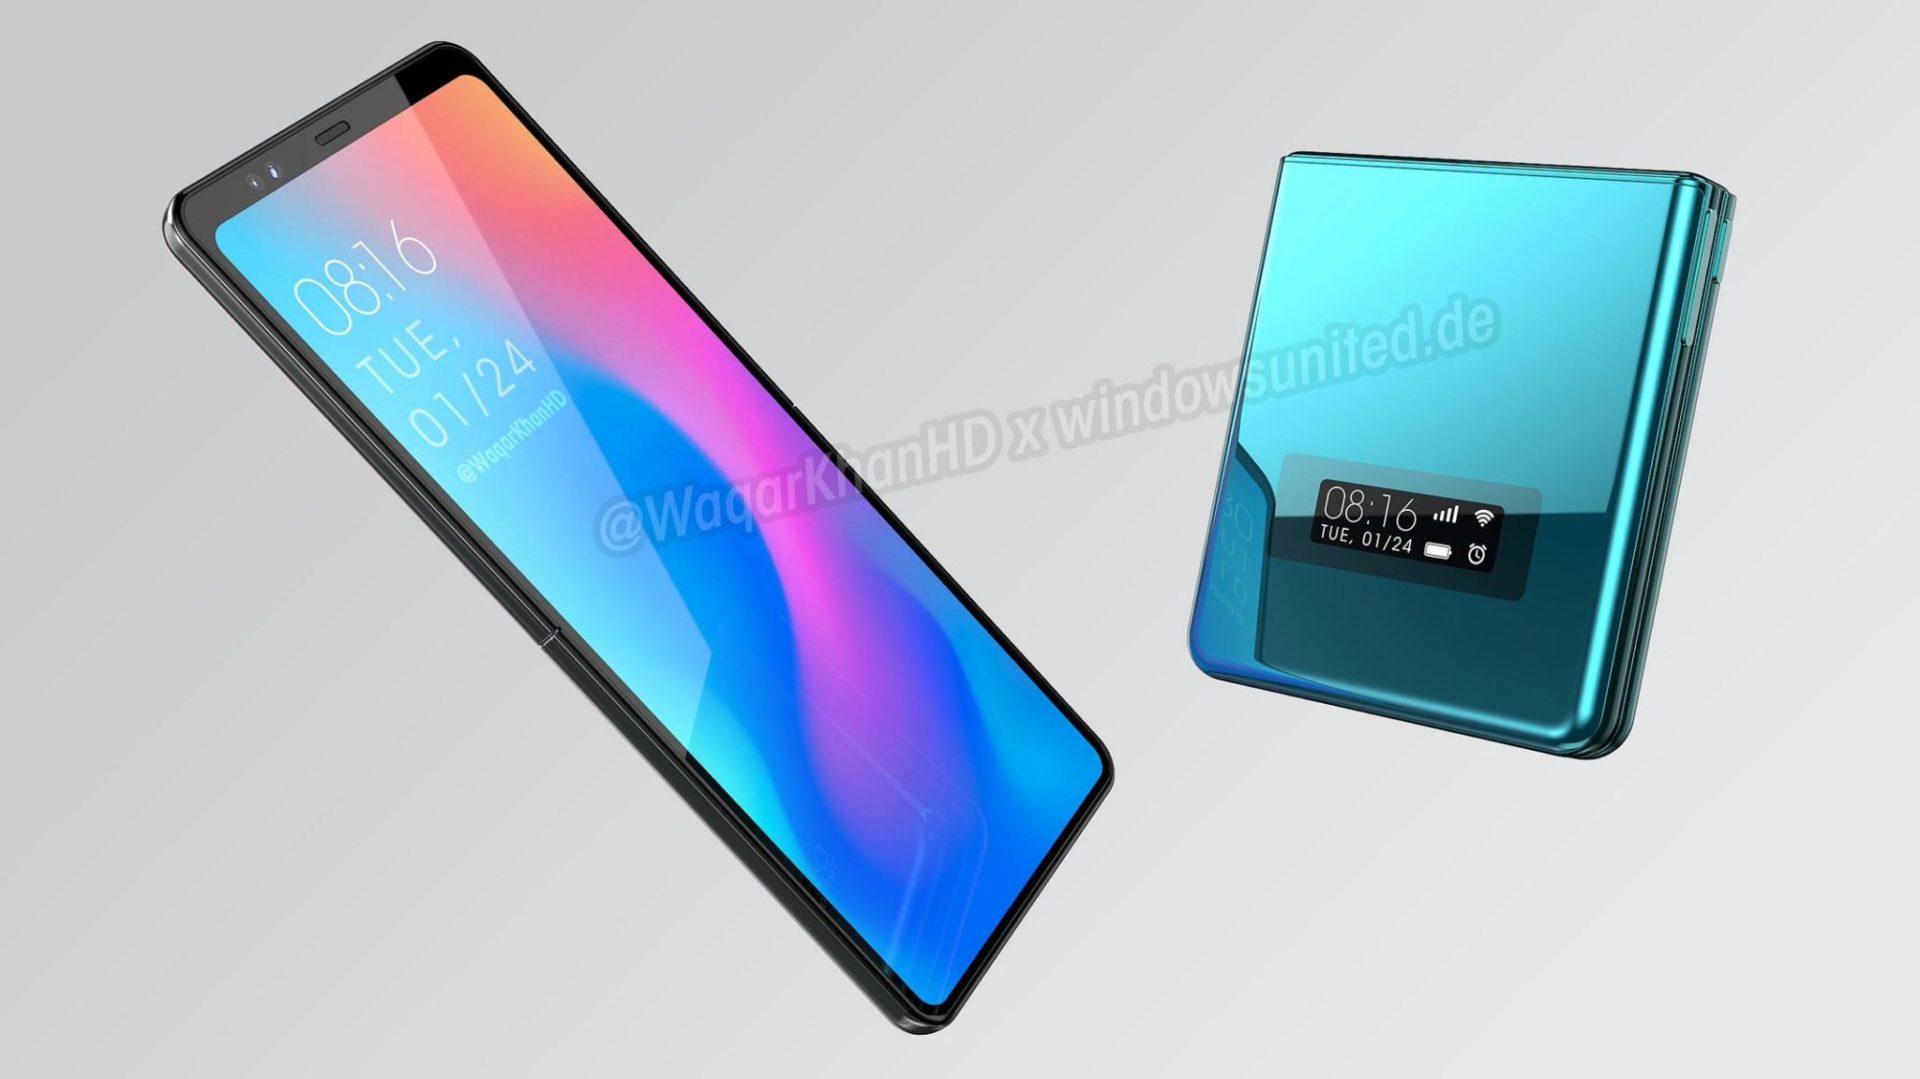 Xiaomi cəlbedici bir cihazda çalışır 1